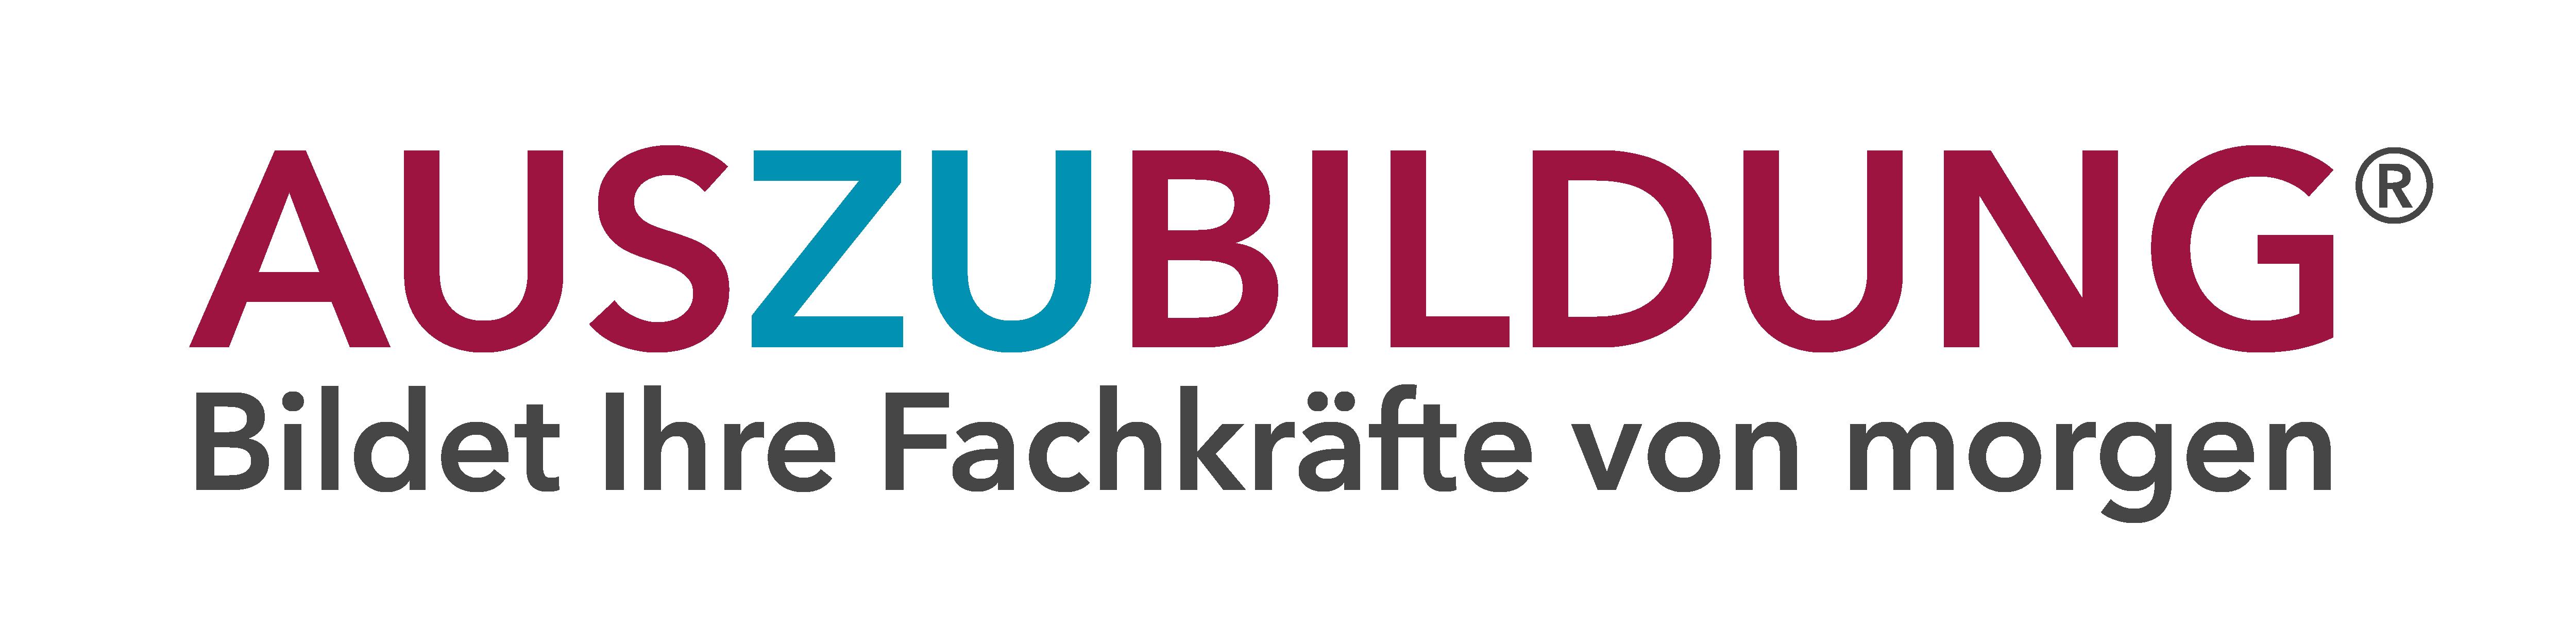 AUSzuBILDUNG Logo: Eine MArke der SO Beratung